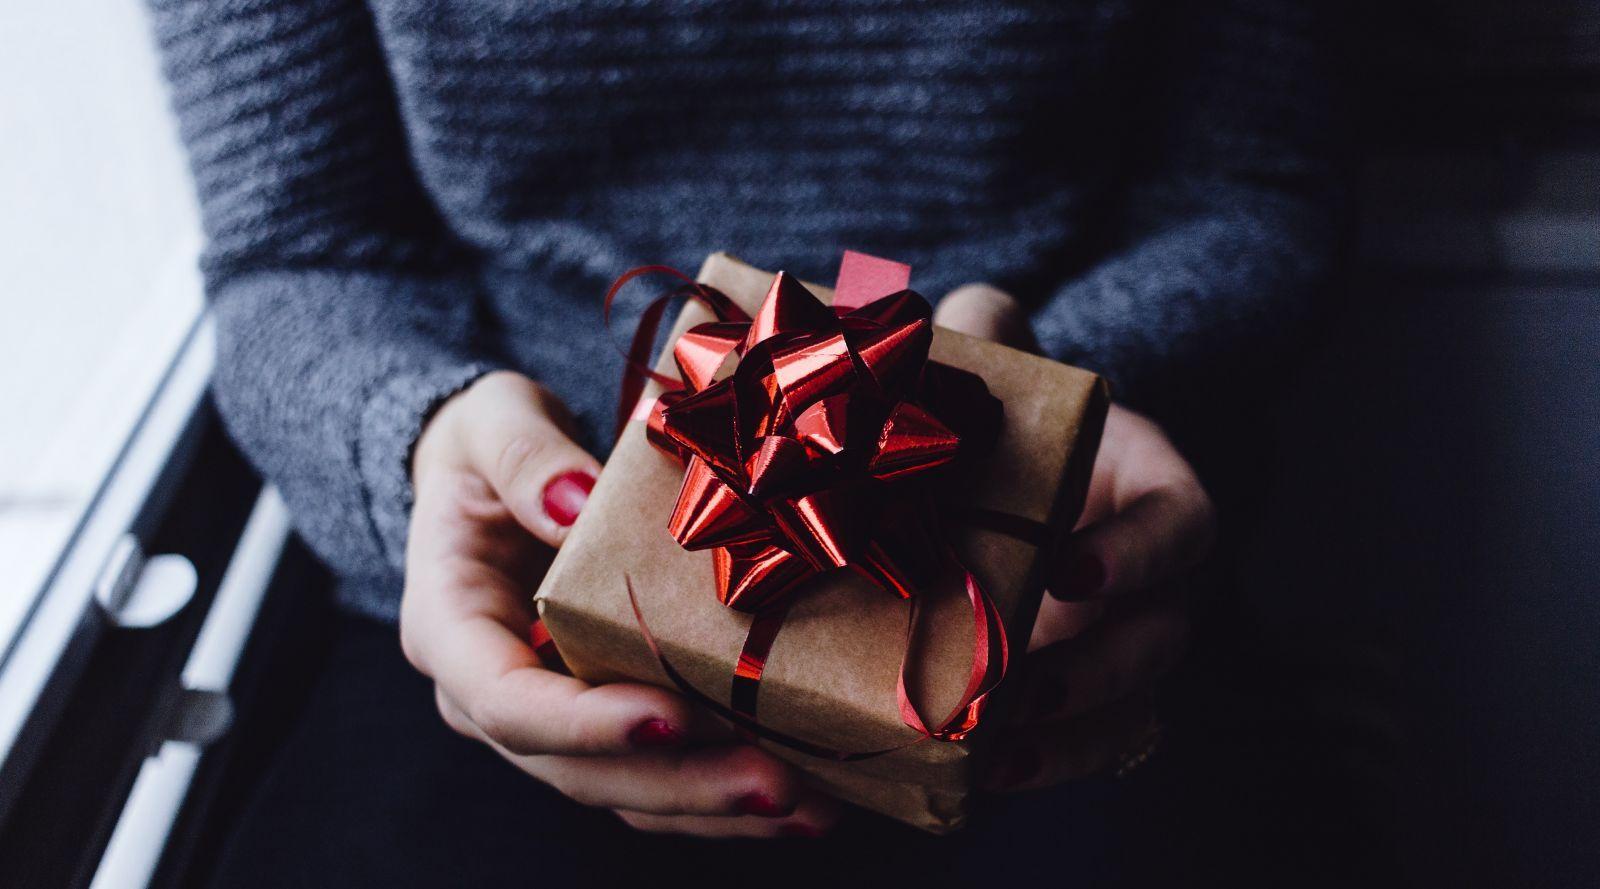 Les Français offriront 8 cadeaux de Noël en moyenne